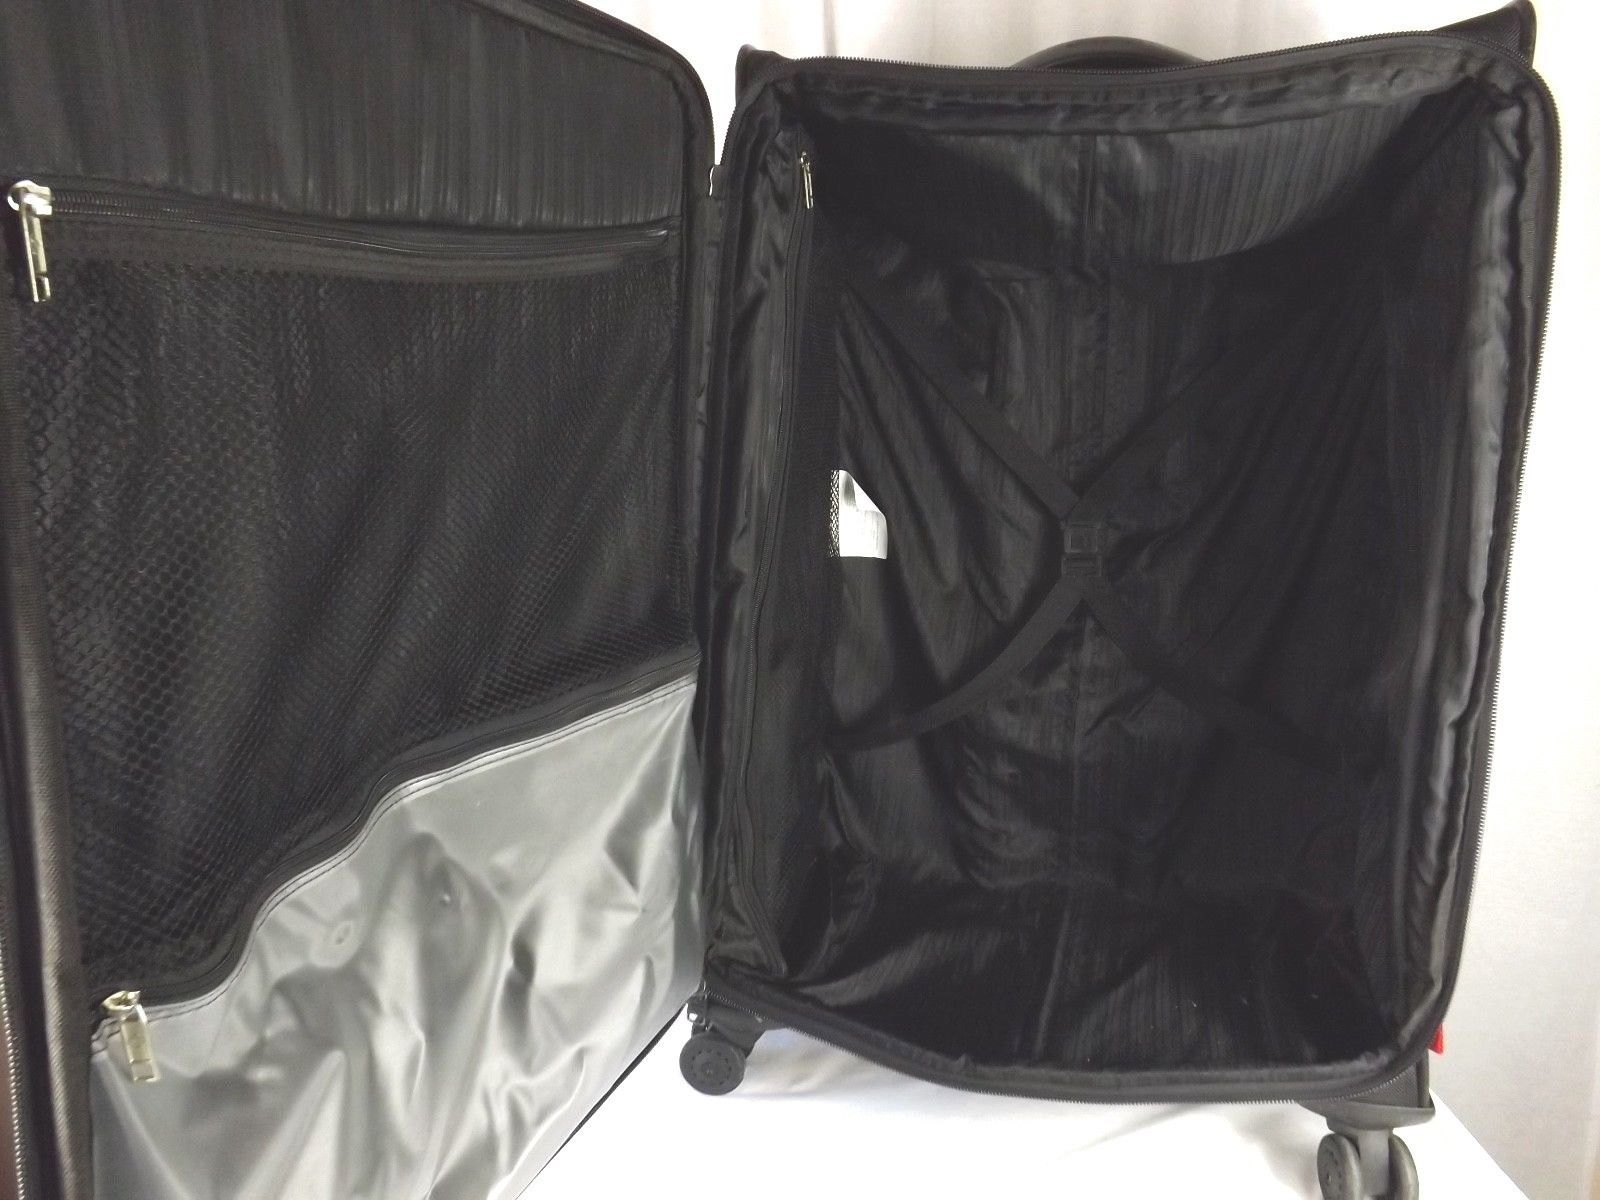 """Samsonite 1910.... 29"""" Expandable Spinner Upright Suitcase Luggage - Black image 6"""